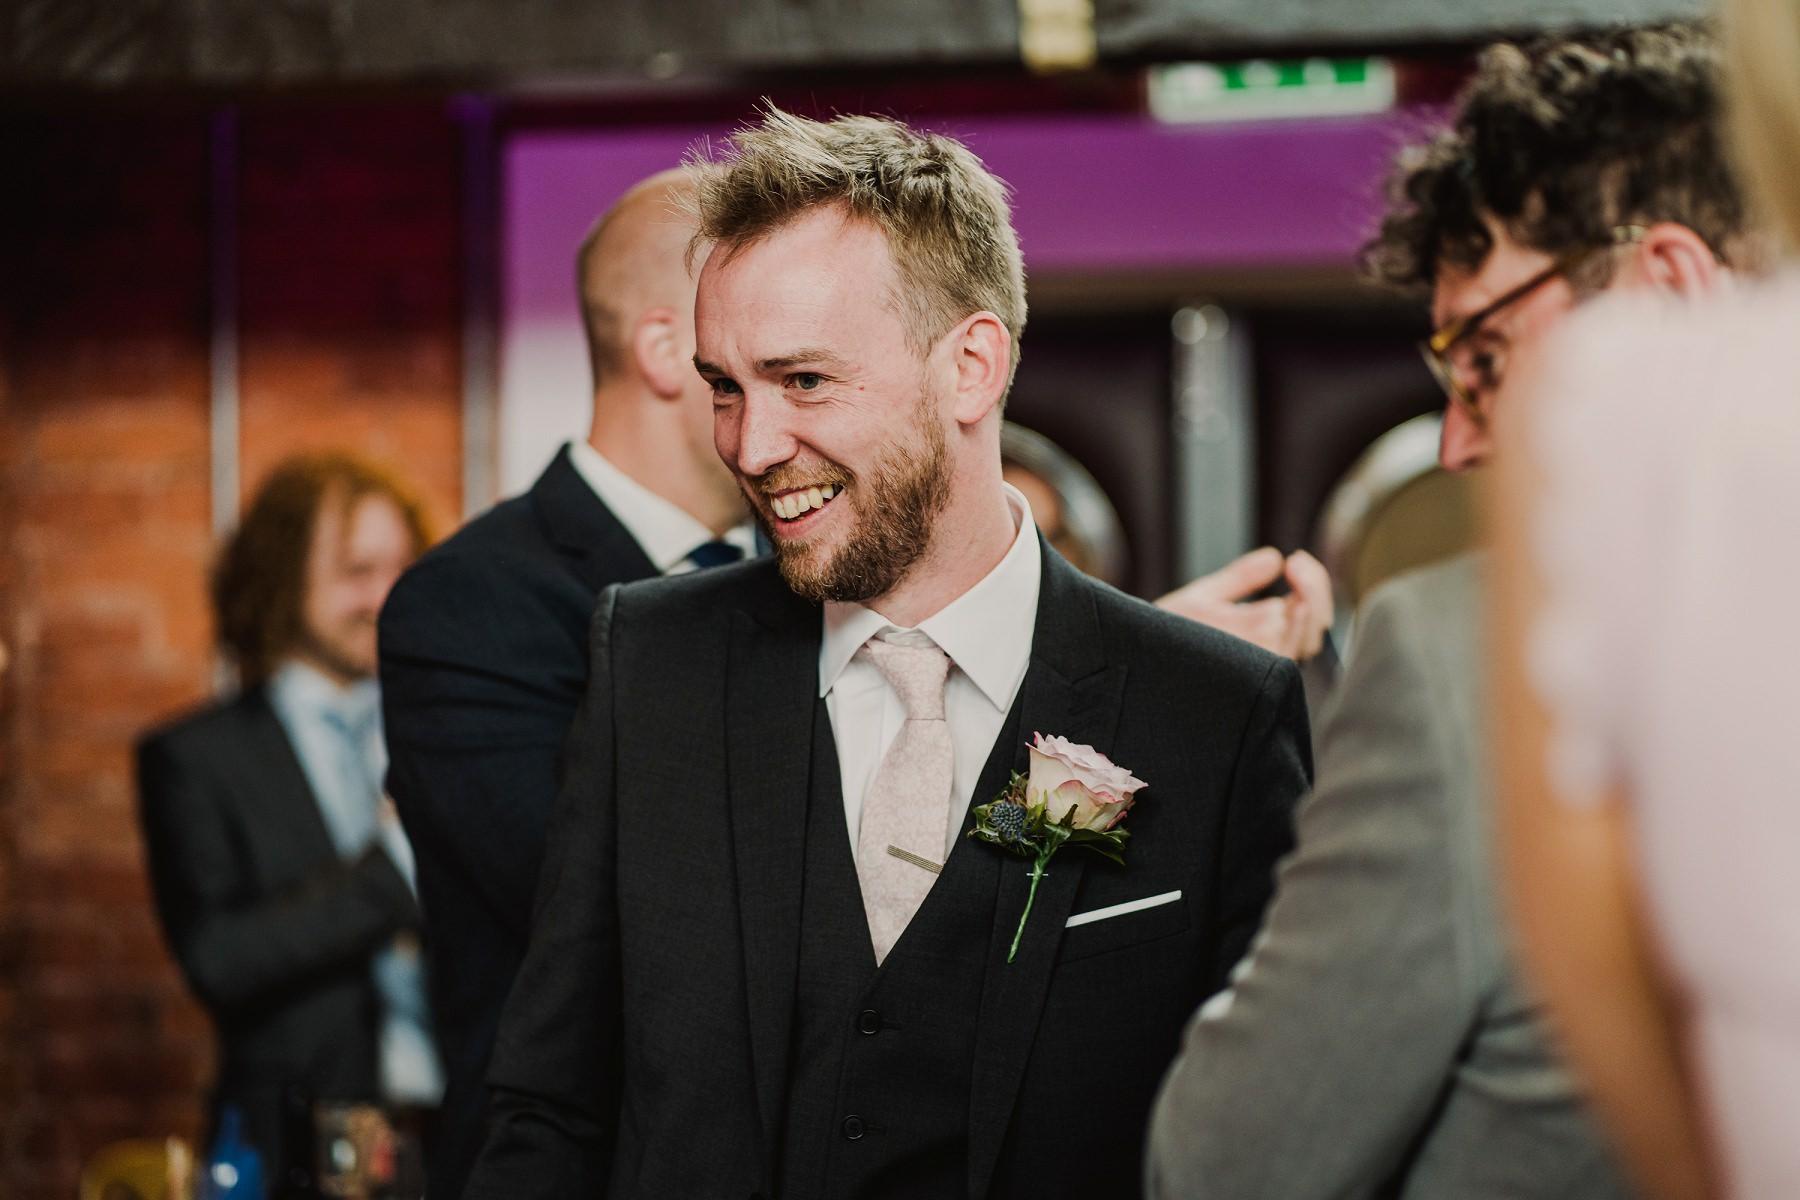 emma_steffan_wedding_buttermarket_0229.jpg